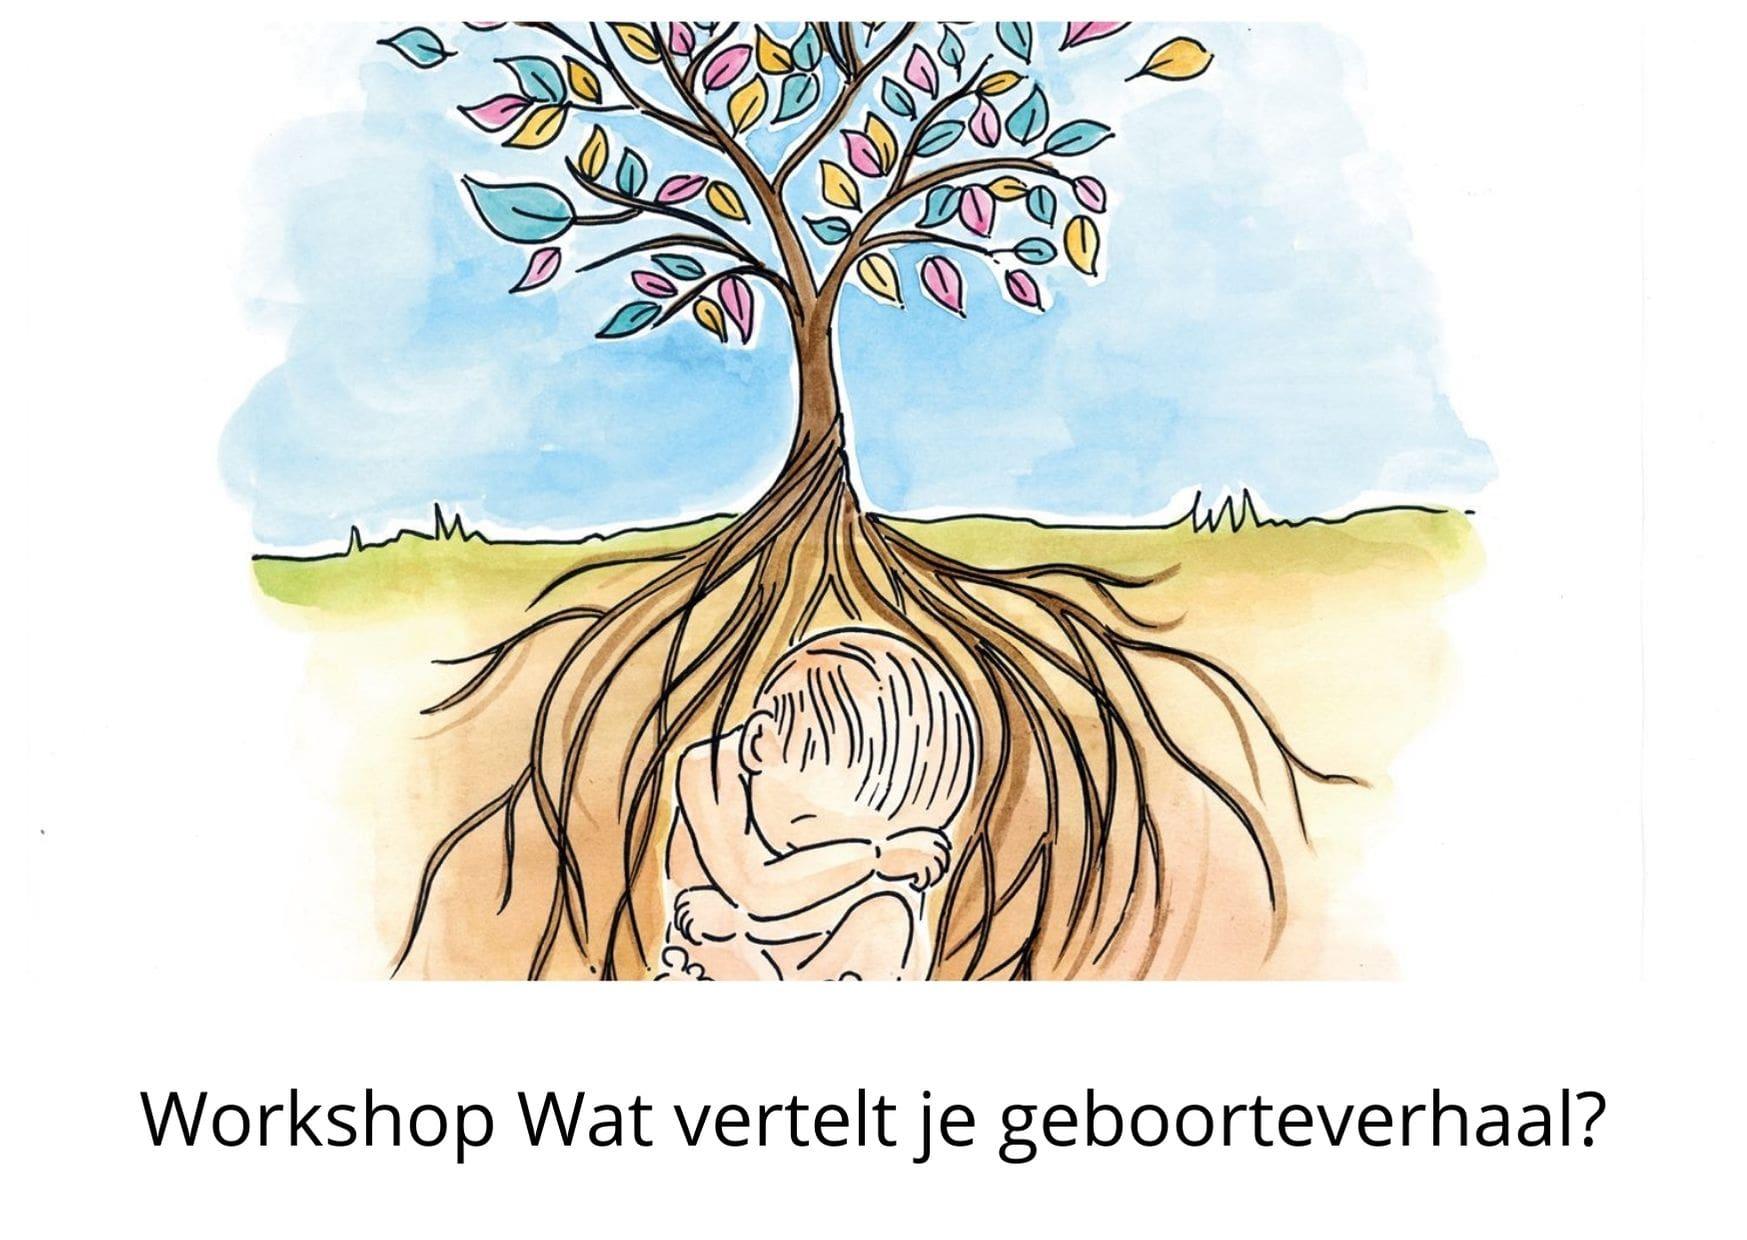 Workshop wat vertelt je geboorteverhaal